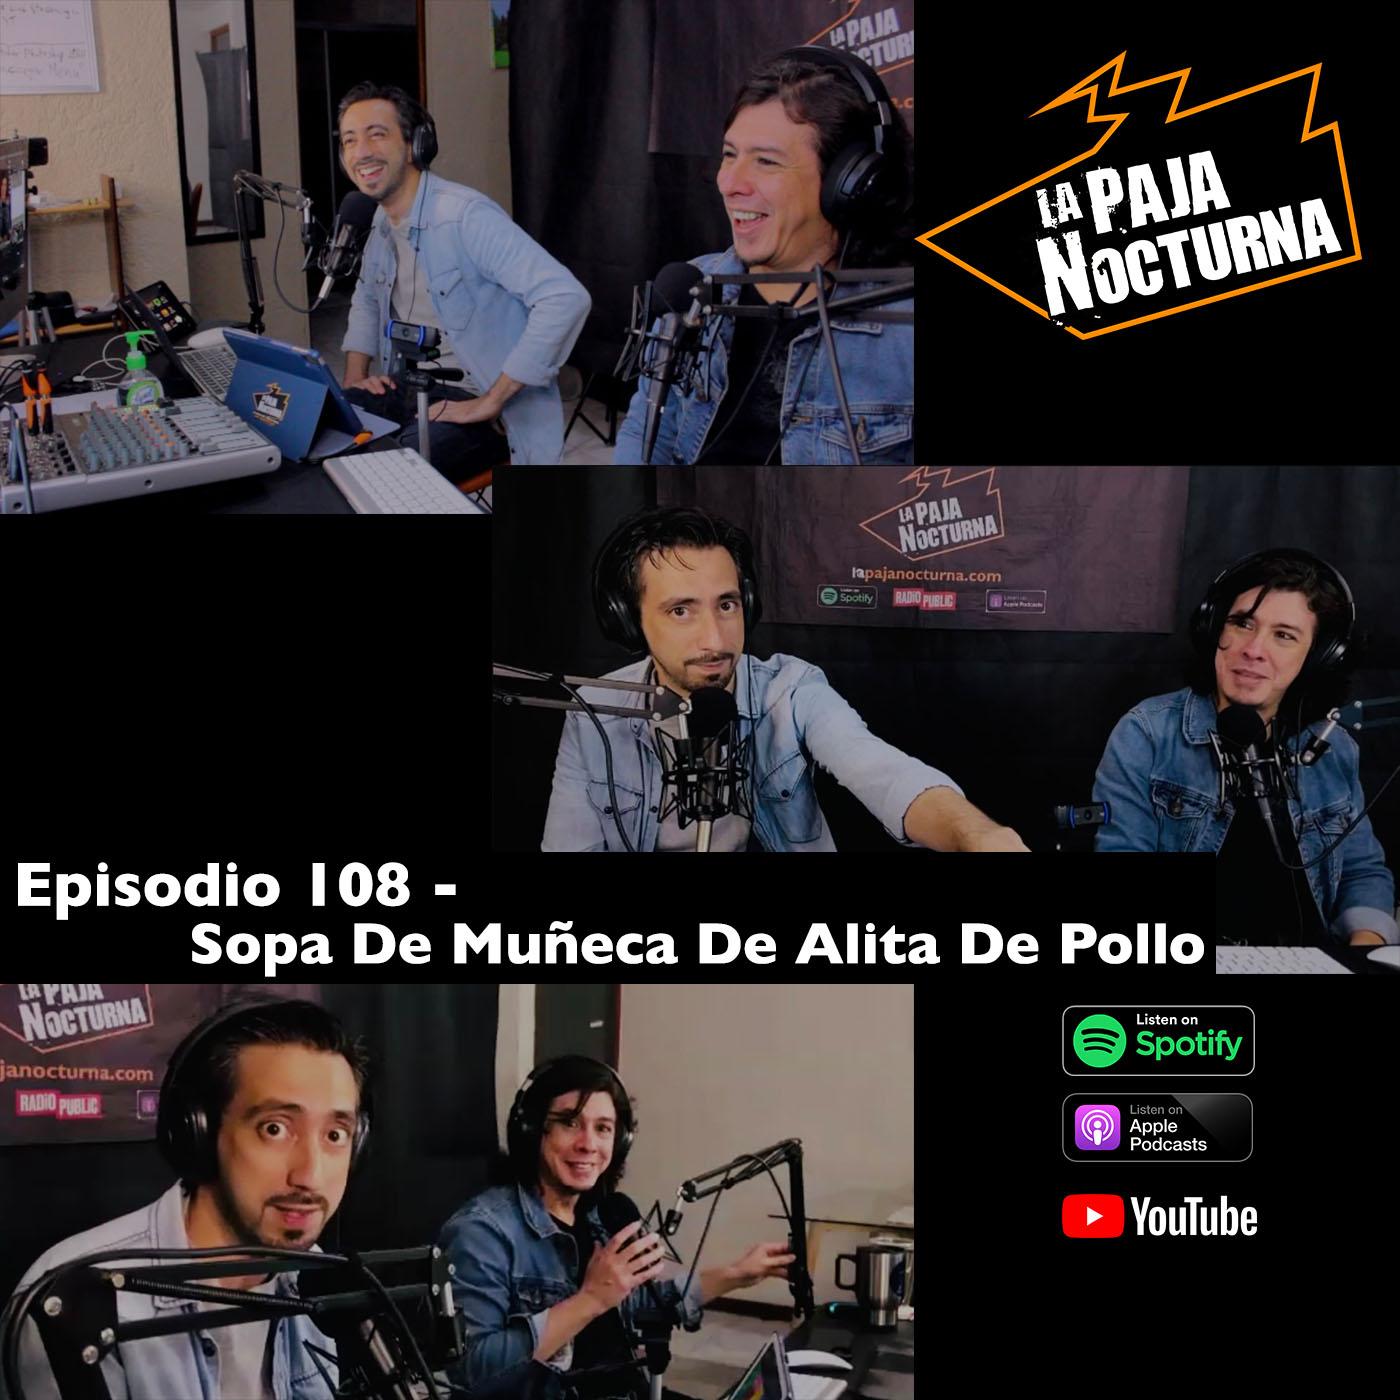 La paja nocturna podcast Episodio 108